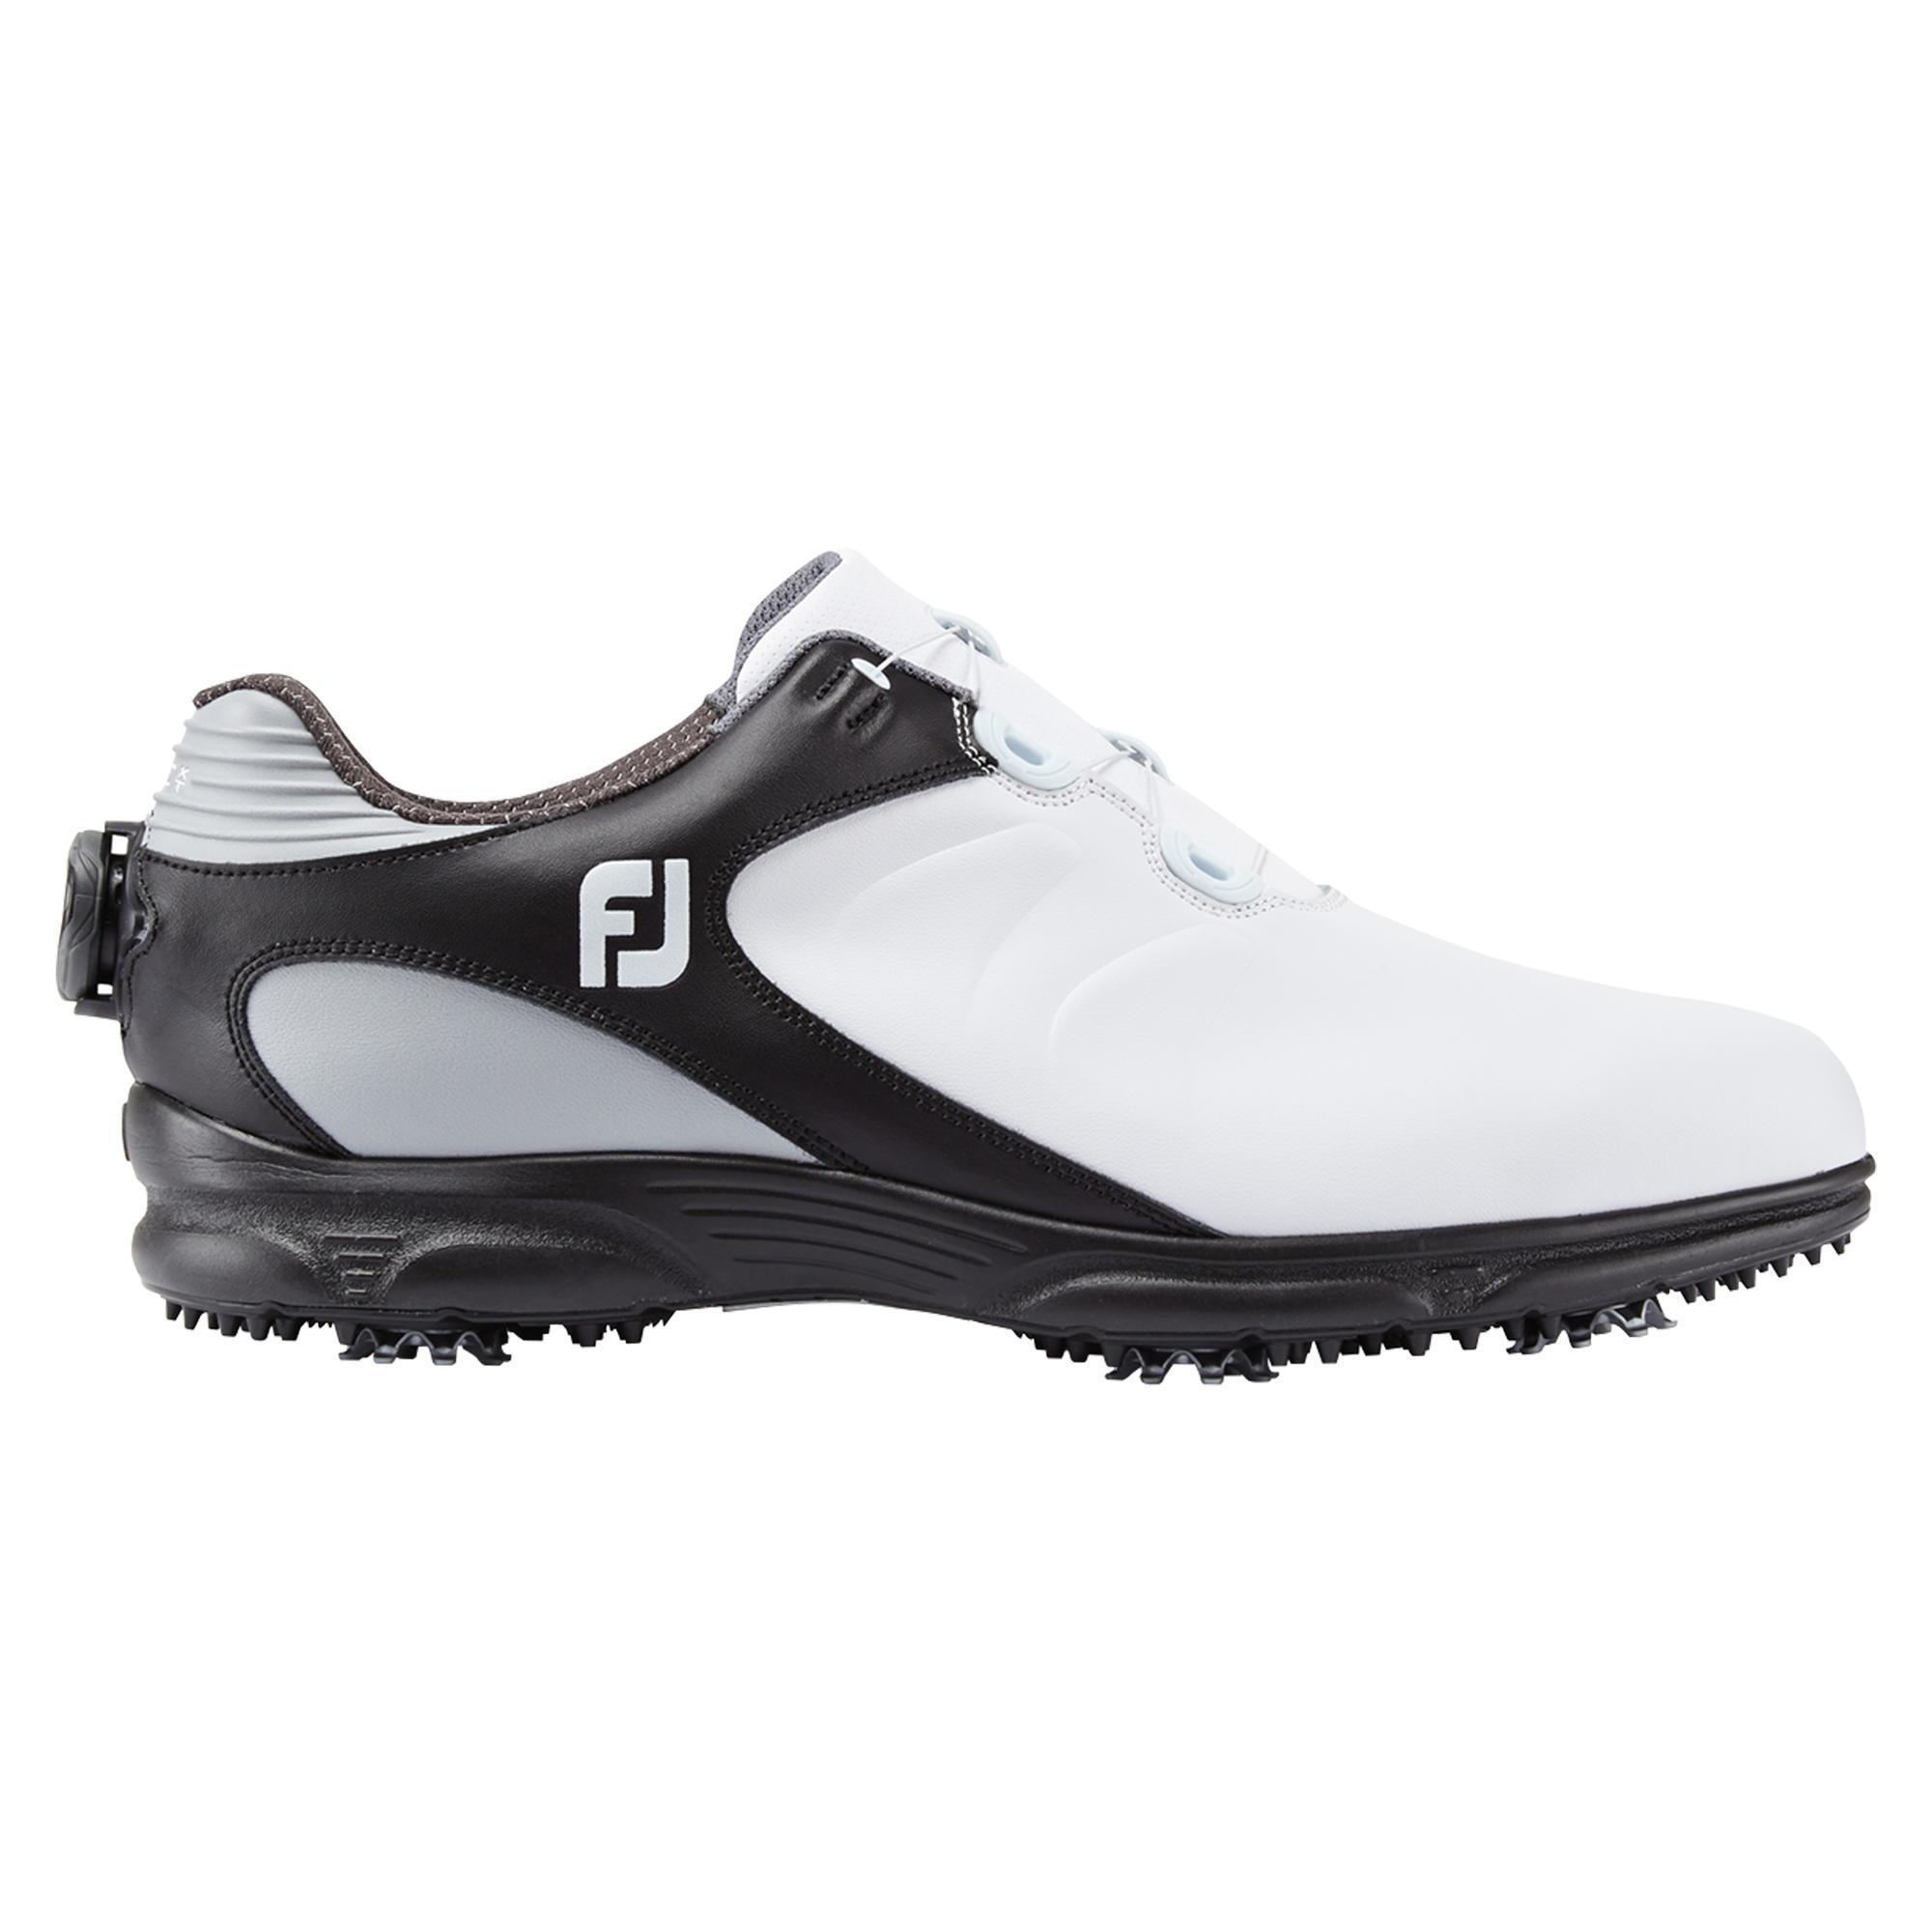 Footjoy Golfschoenen voor heren Arc XT Boa wit